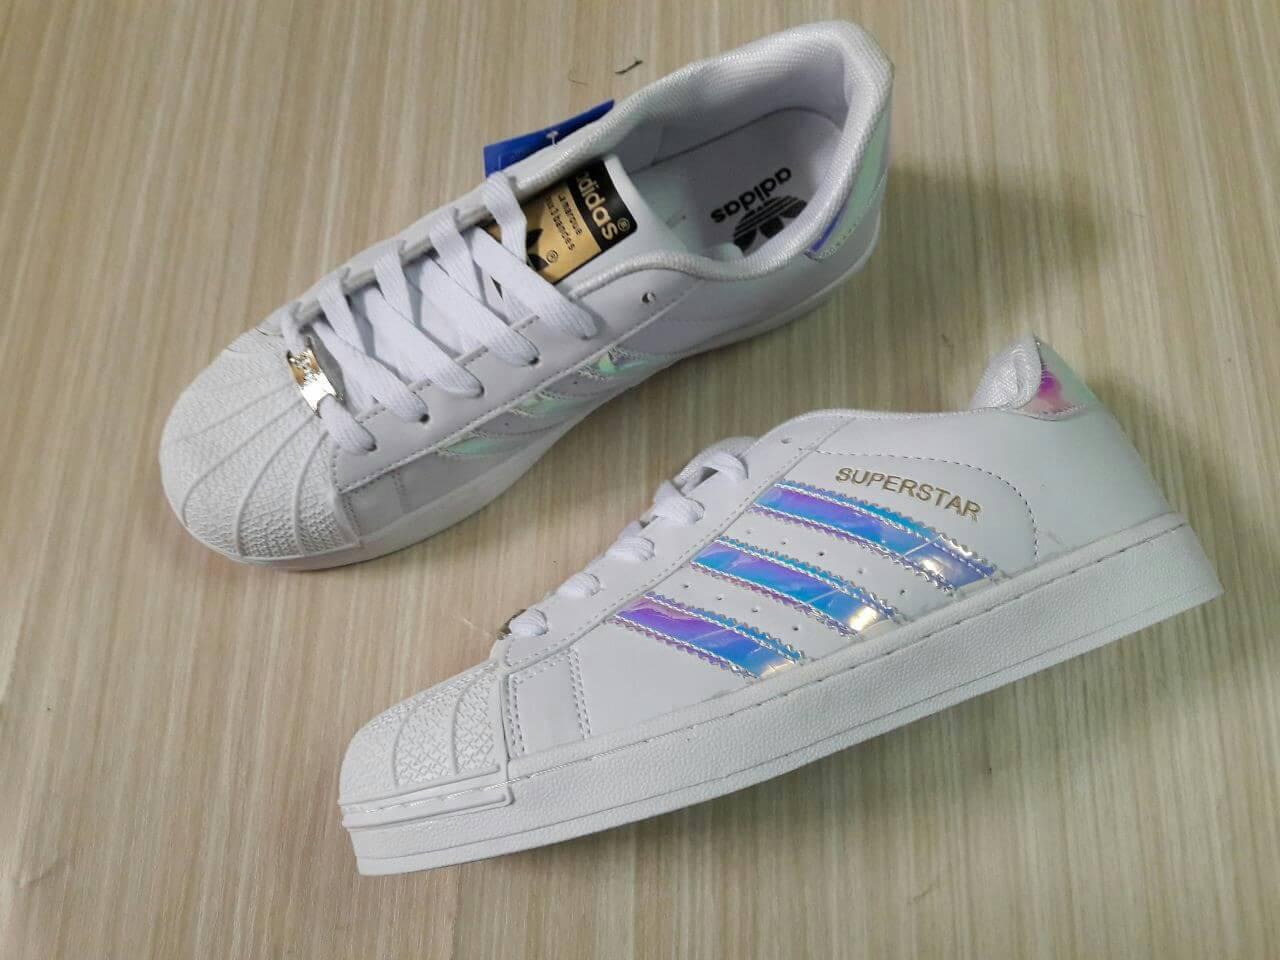 875f0c7e67977 purchase sepatu adidas superstar hologram import 512e3 29eb1